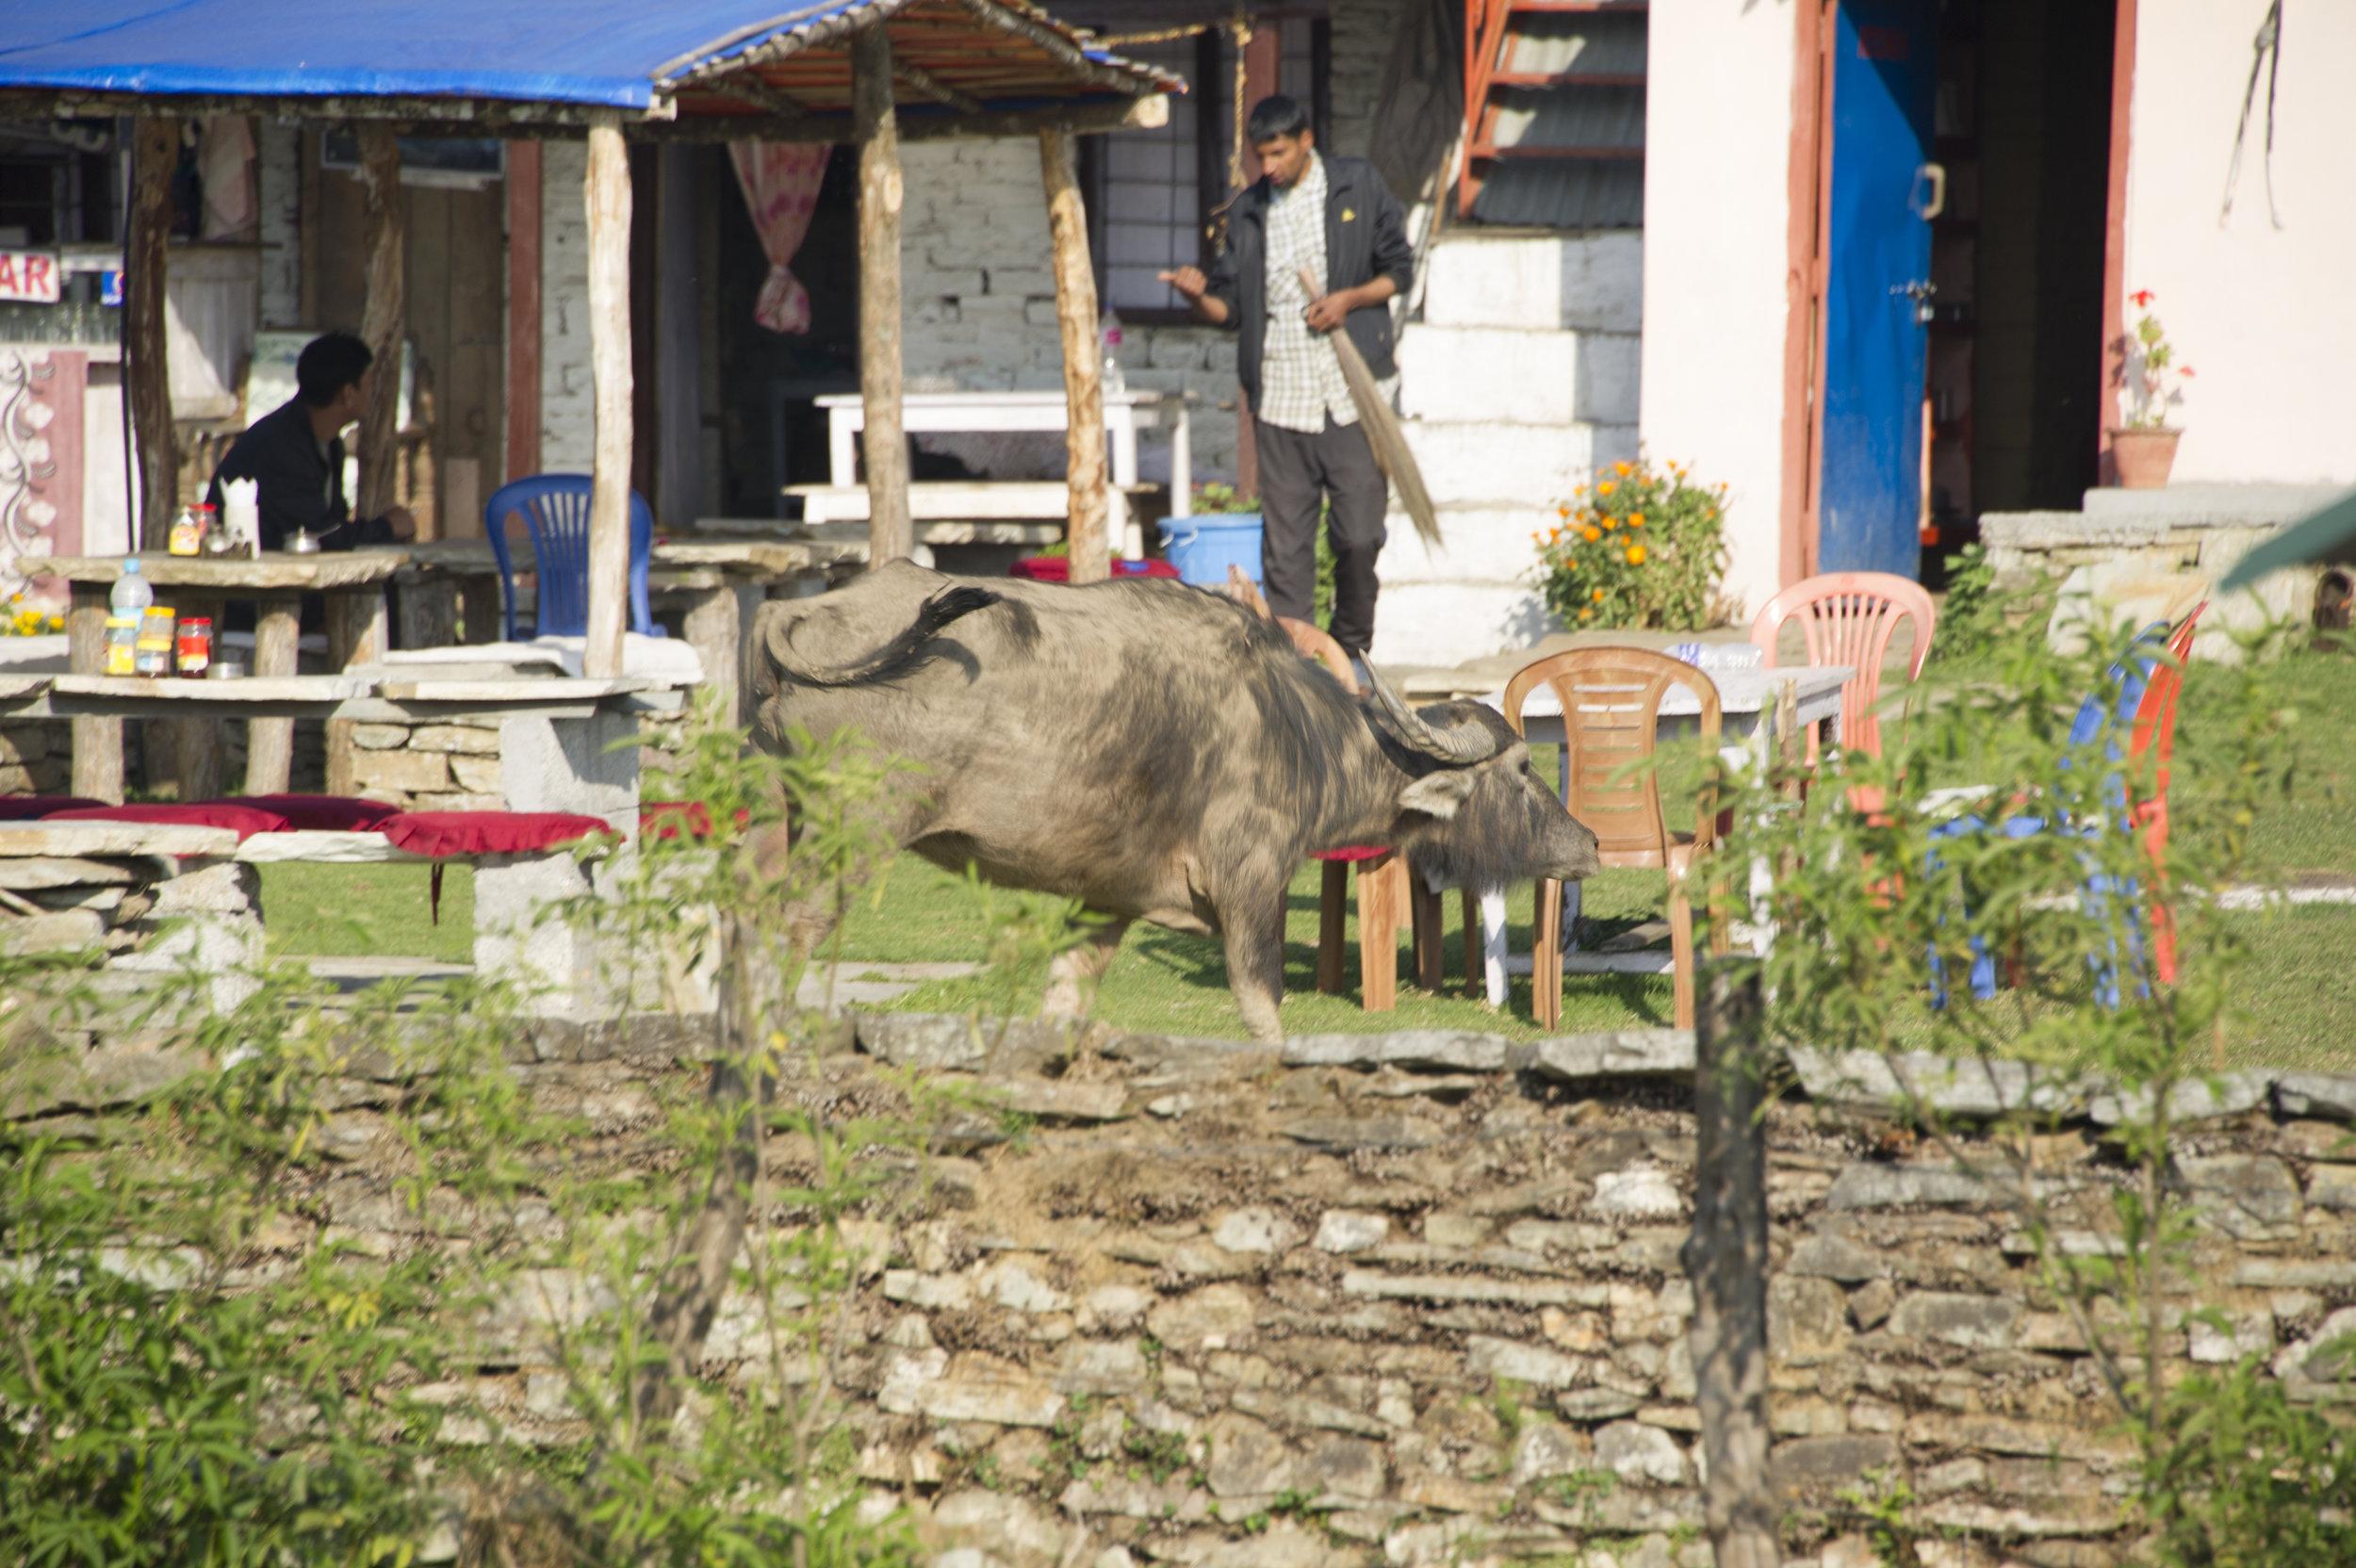 mck nepal 2016 buffalo in restaurant DSC_5930.jpg